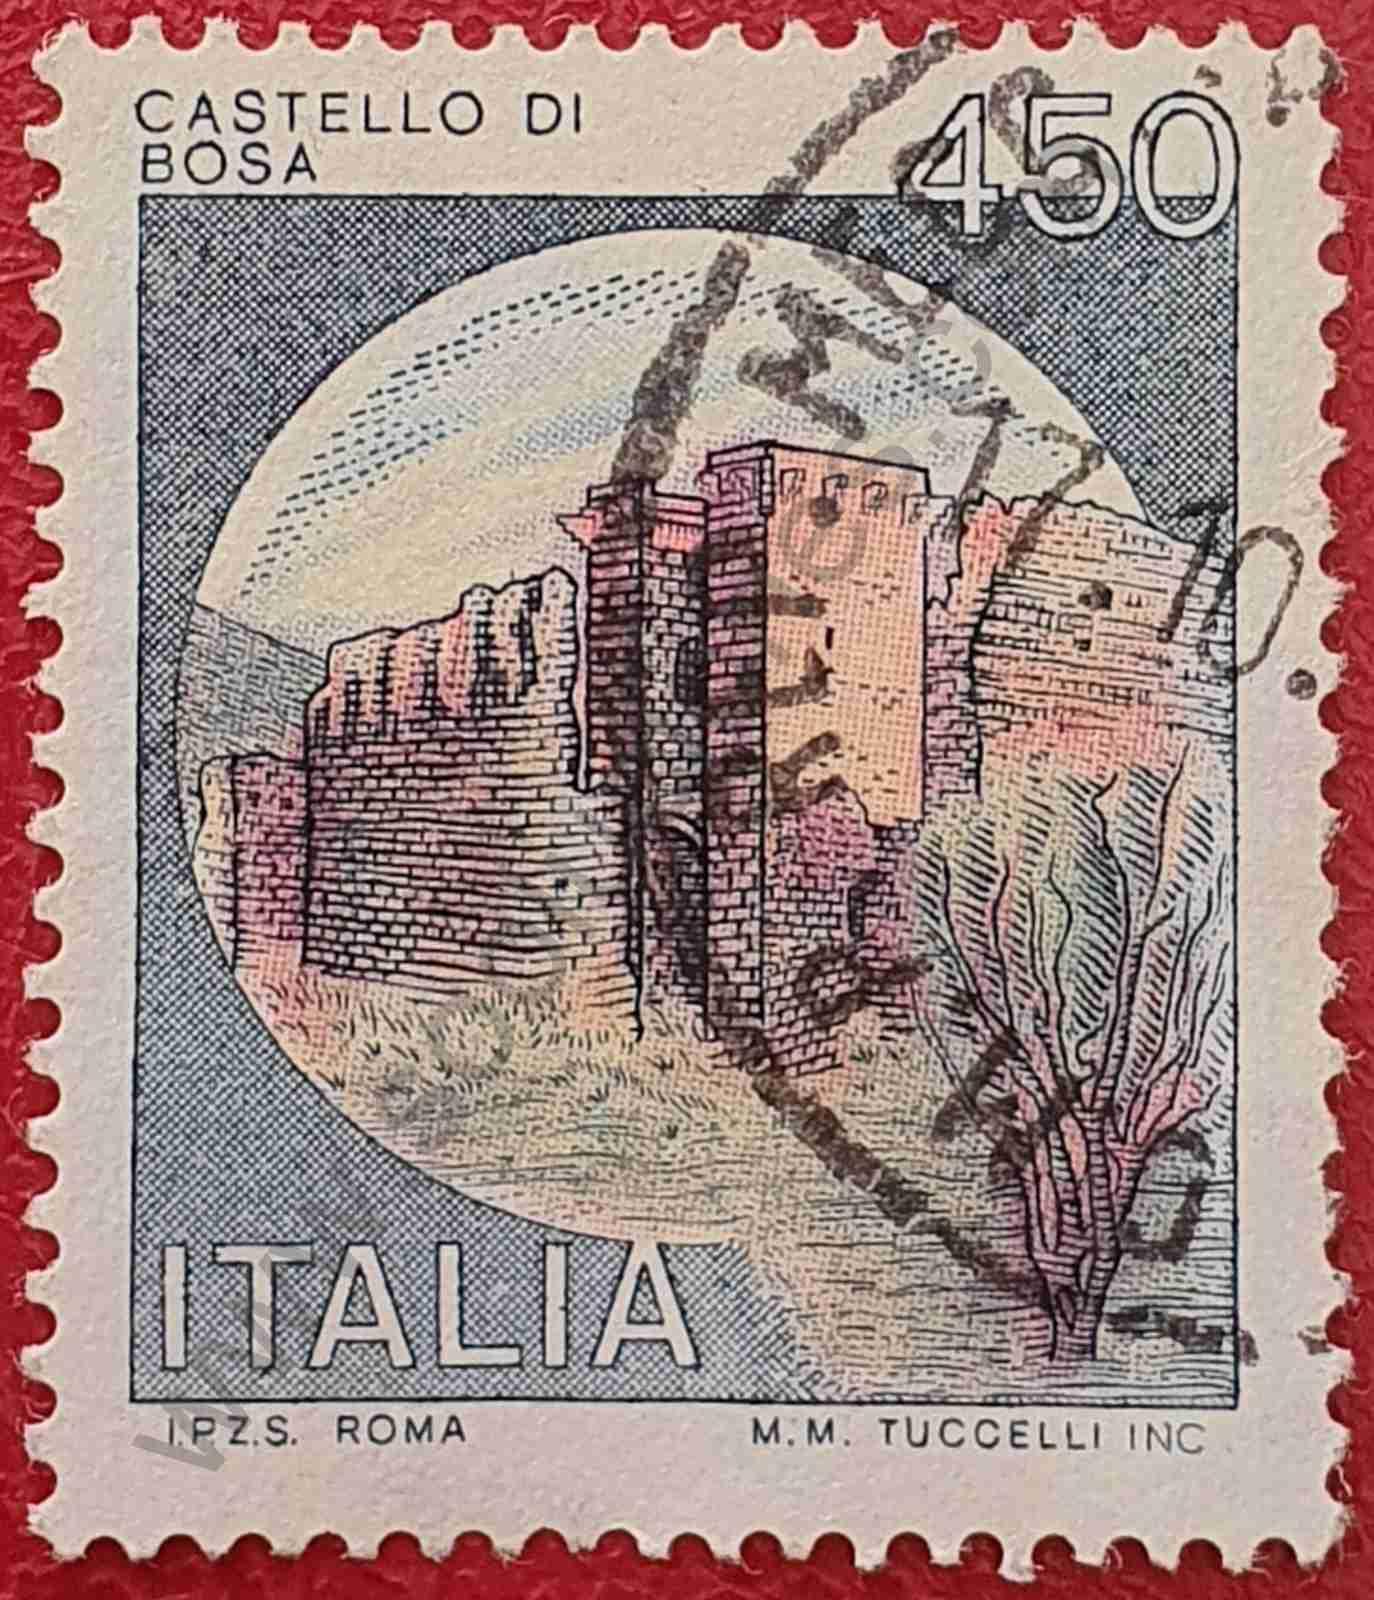 Castillo Bosa - Sello de Italia año 1980